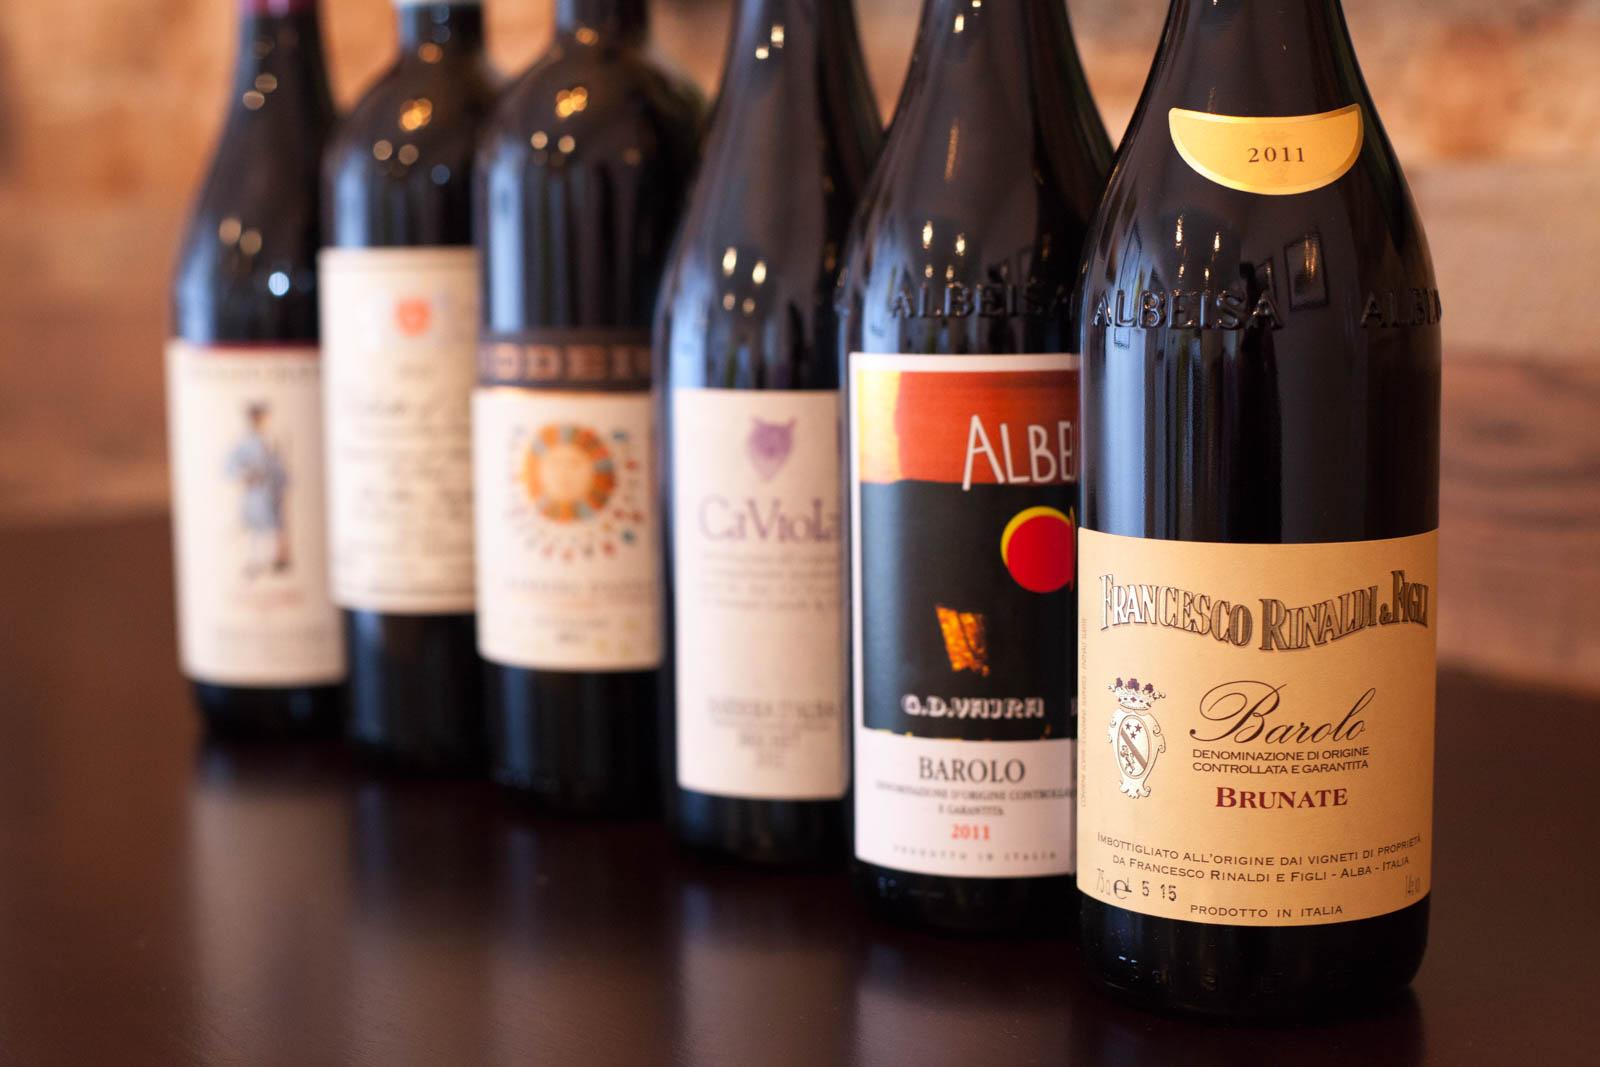 Piedmont wines, Barolo (Nebbiolo), Barbera, Dolcetto